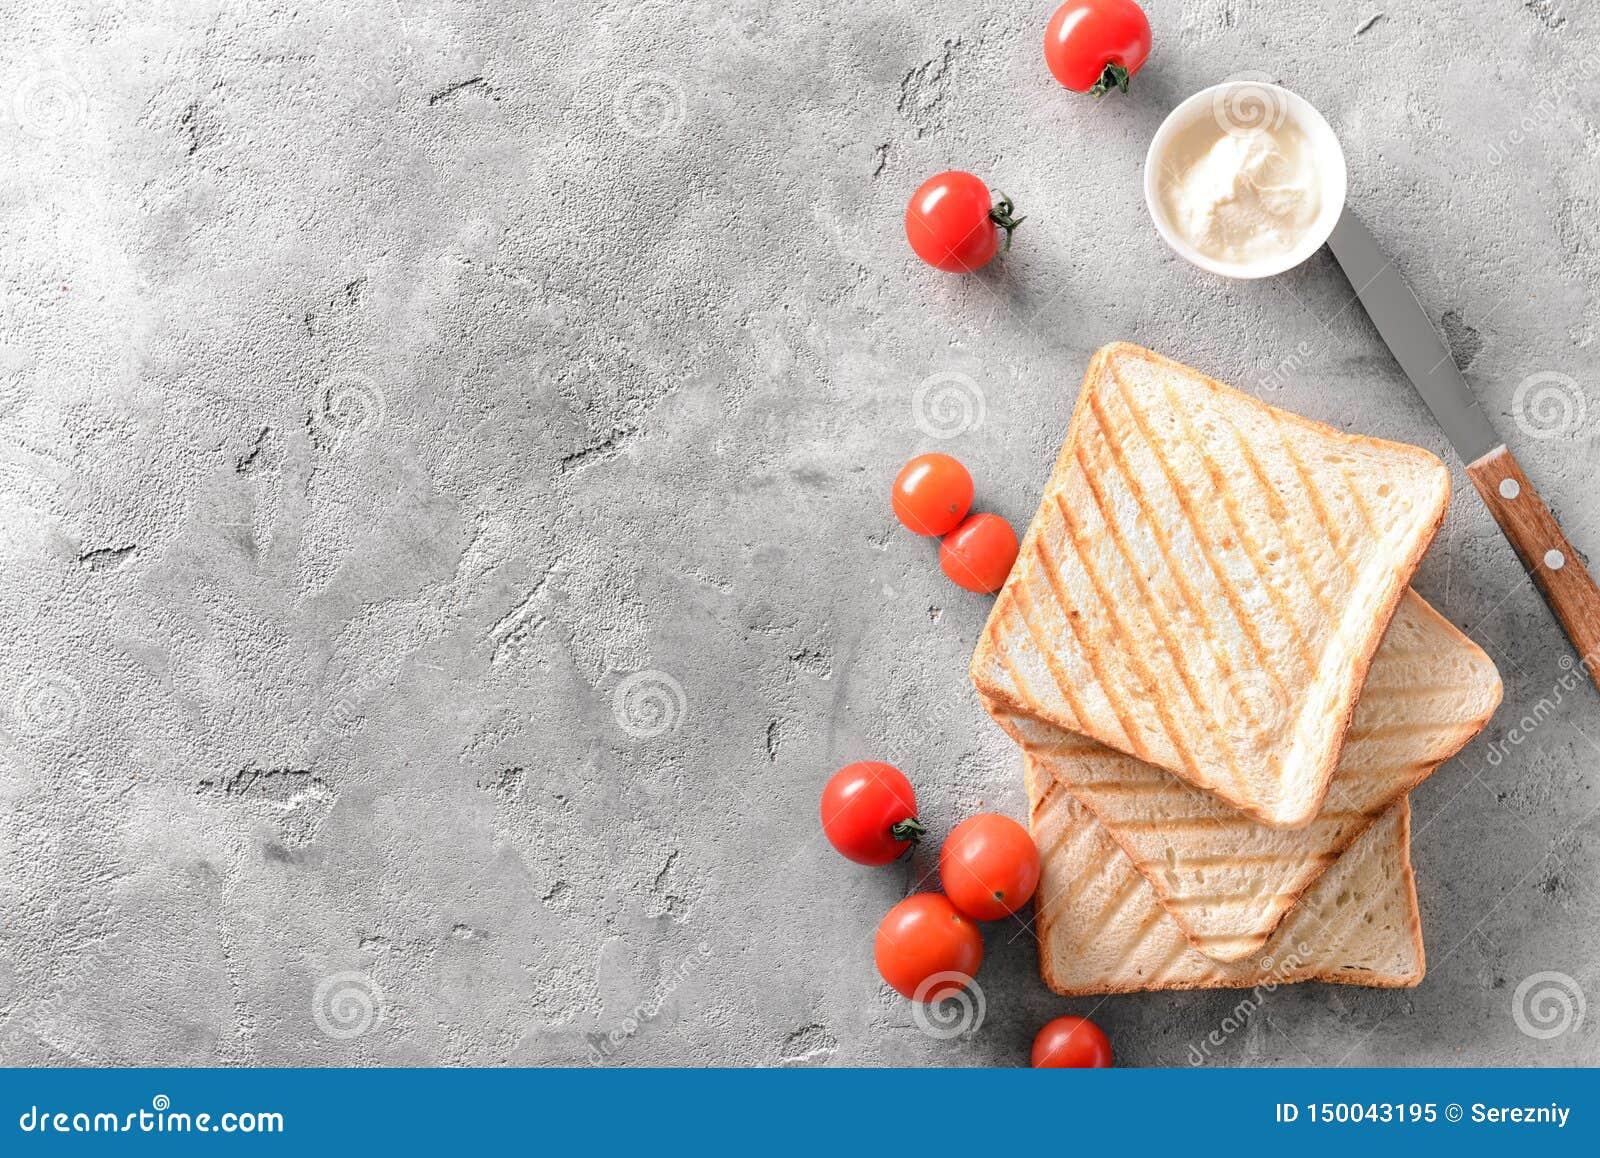 Провозглашанные тост хлеб, плавленый сыр и томаты вишни на серой предпосылке, взгляде сверху